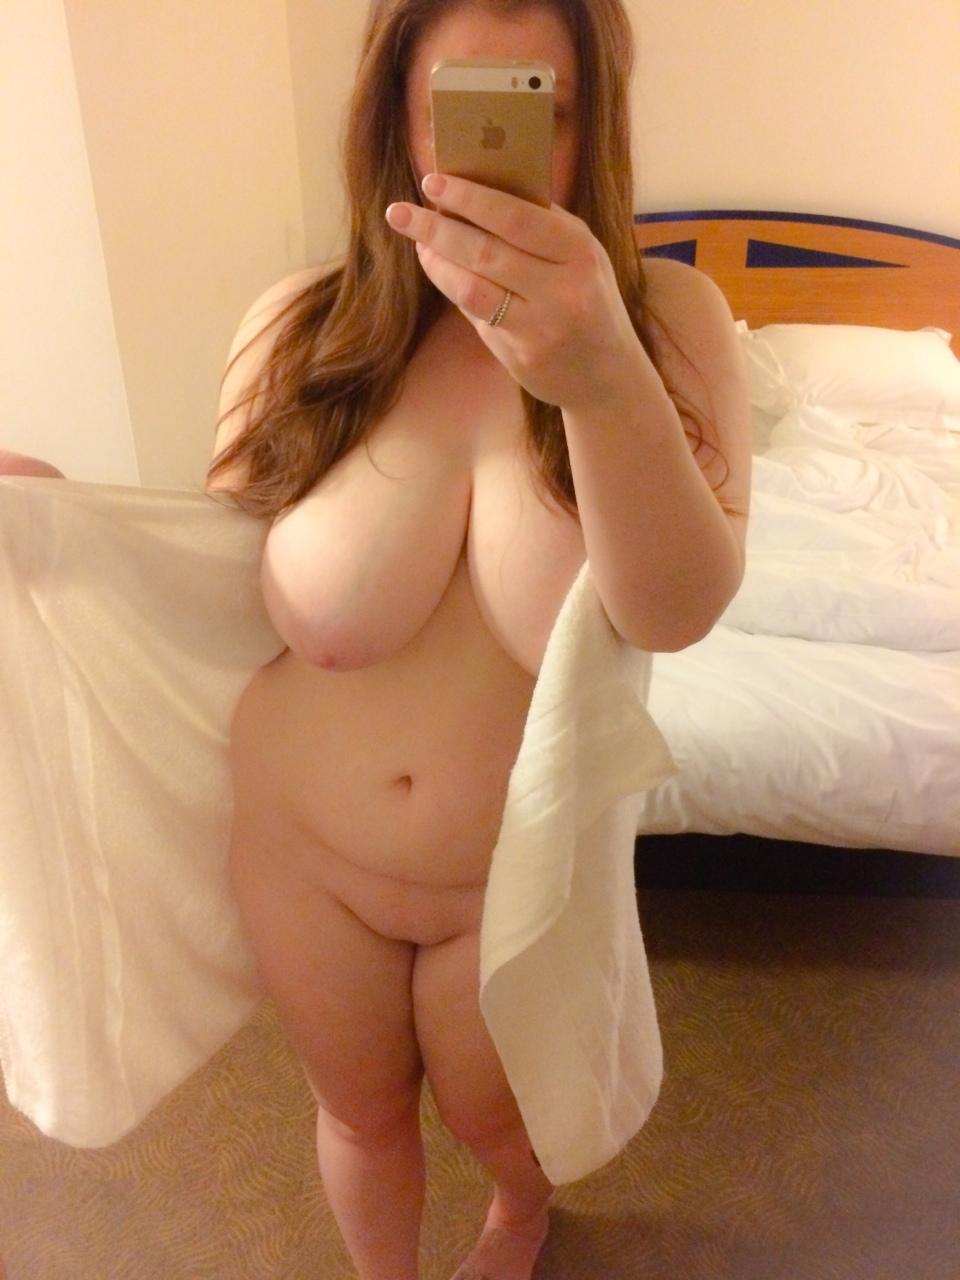 Похотливые жирдяйки делают селфи своих гигантских грудей смотреть эротику